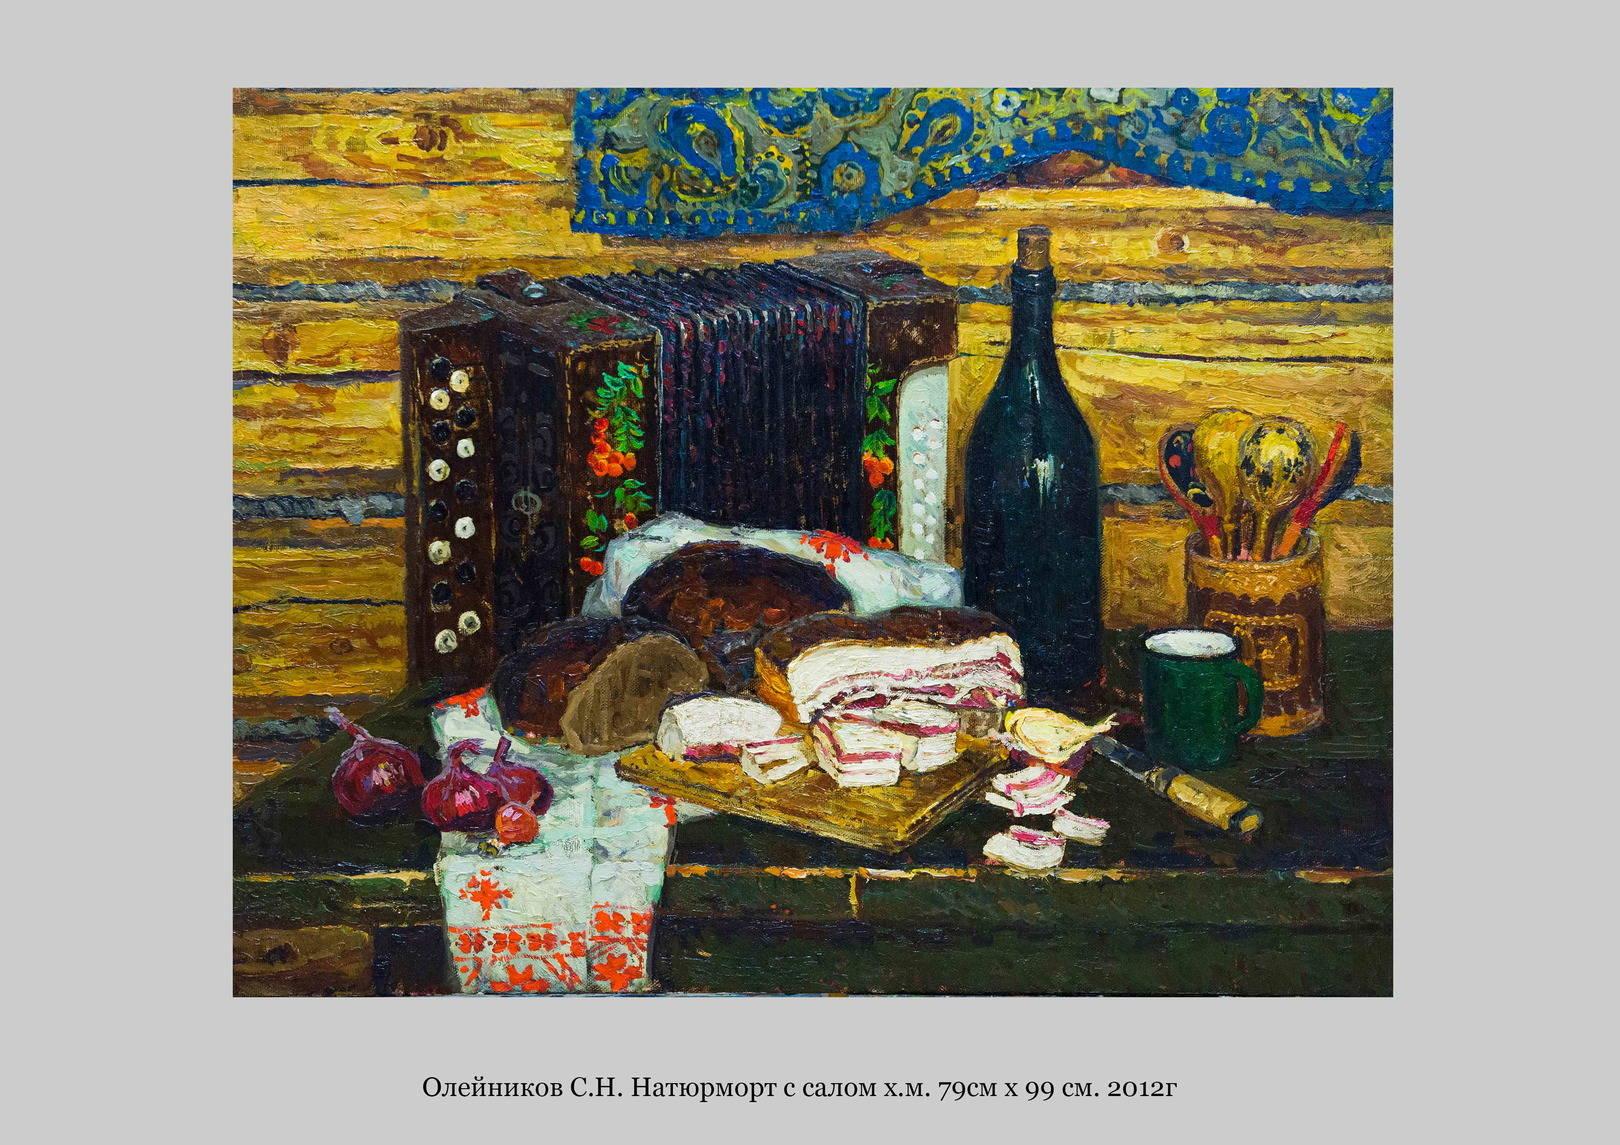 Олейников Сергей Николаевич. Натюрморт.